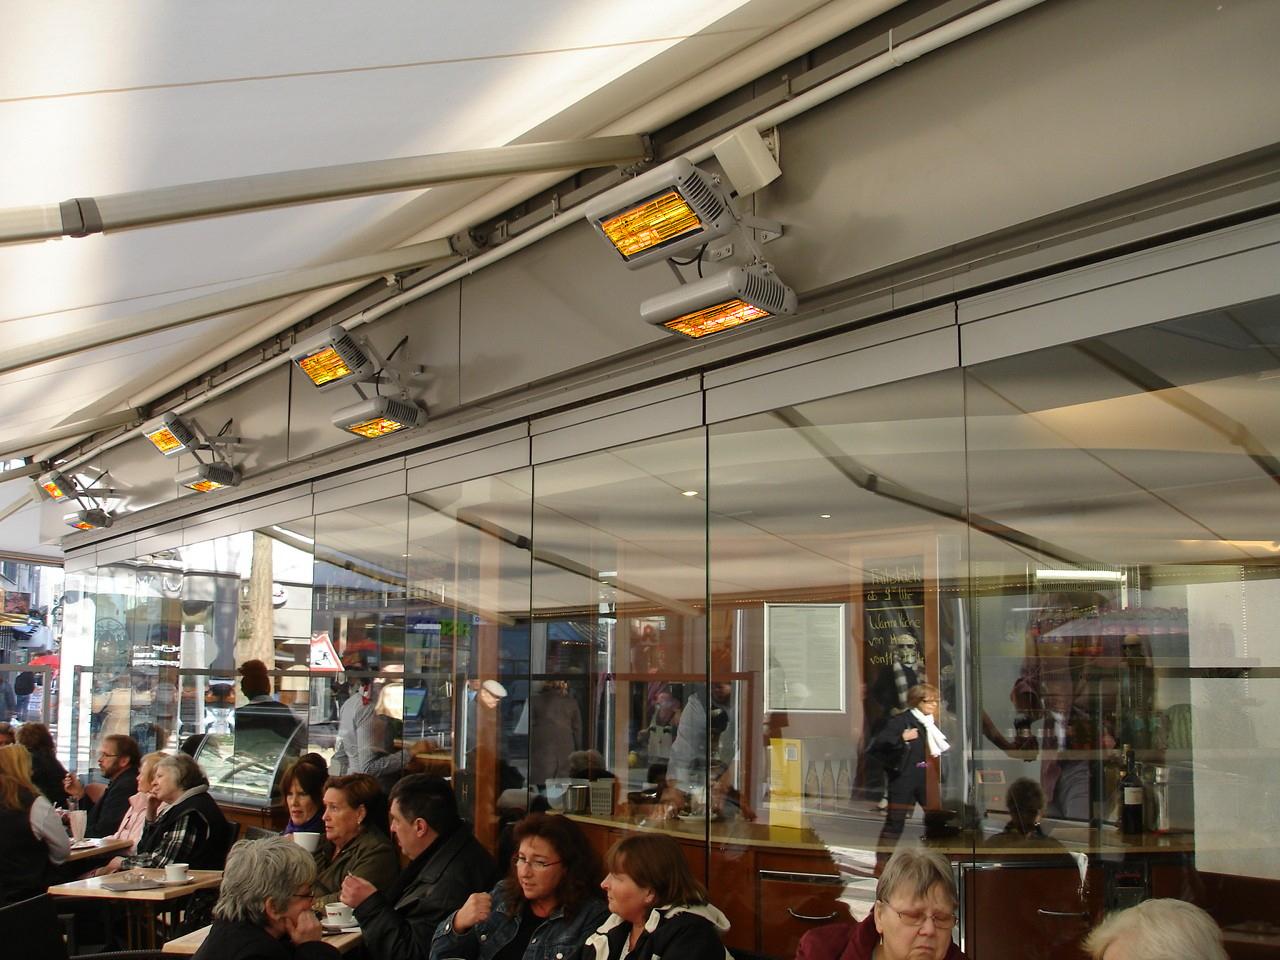 Terrassevarmere som varmer folk på restaurant